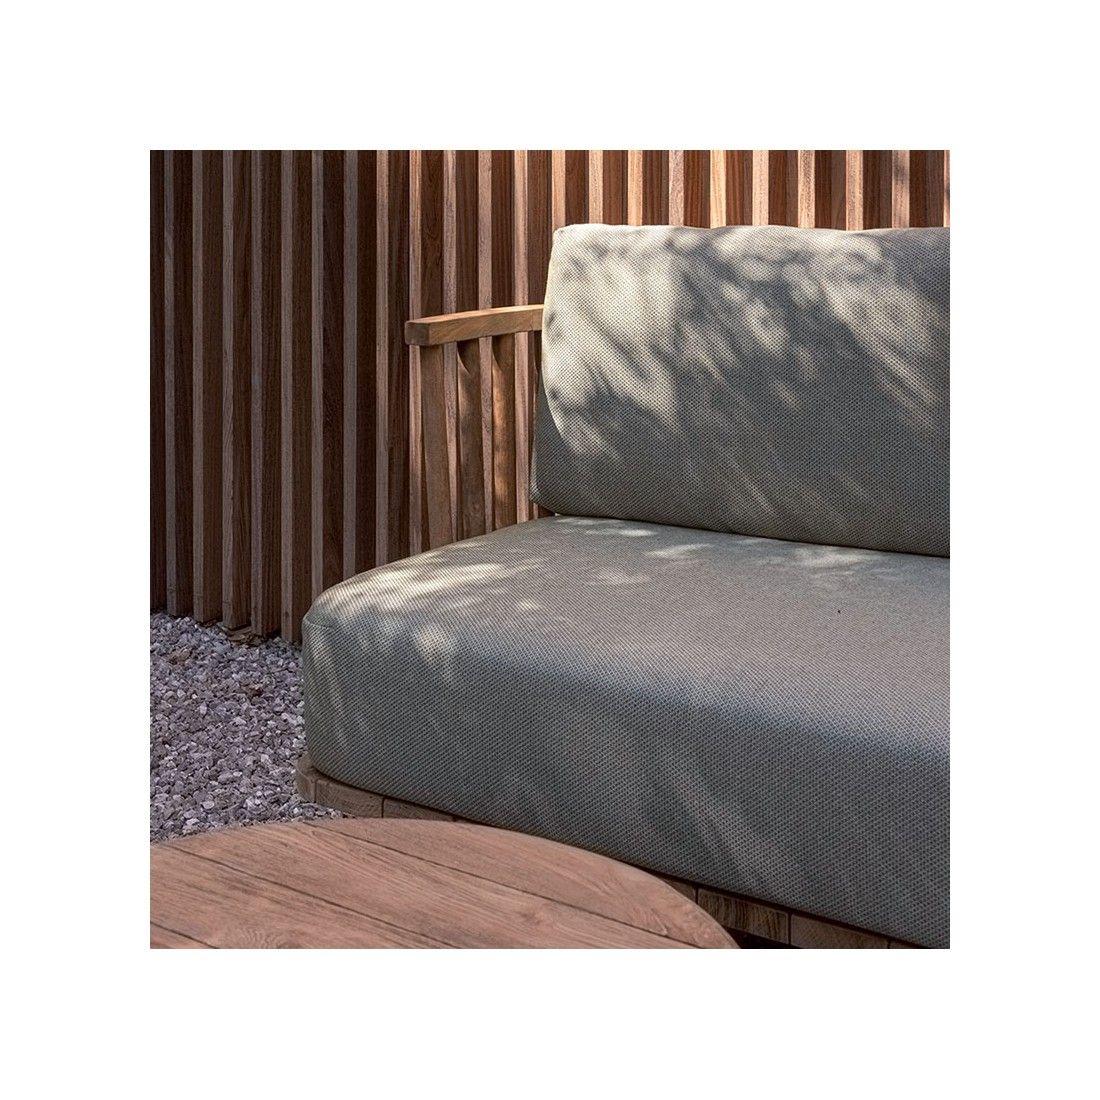 Canapé 2 places en teck recyclé, avec coussins en tissu Sunbrella ton vert oxydé